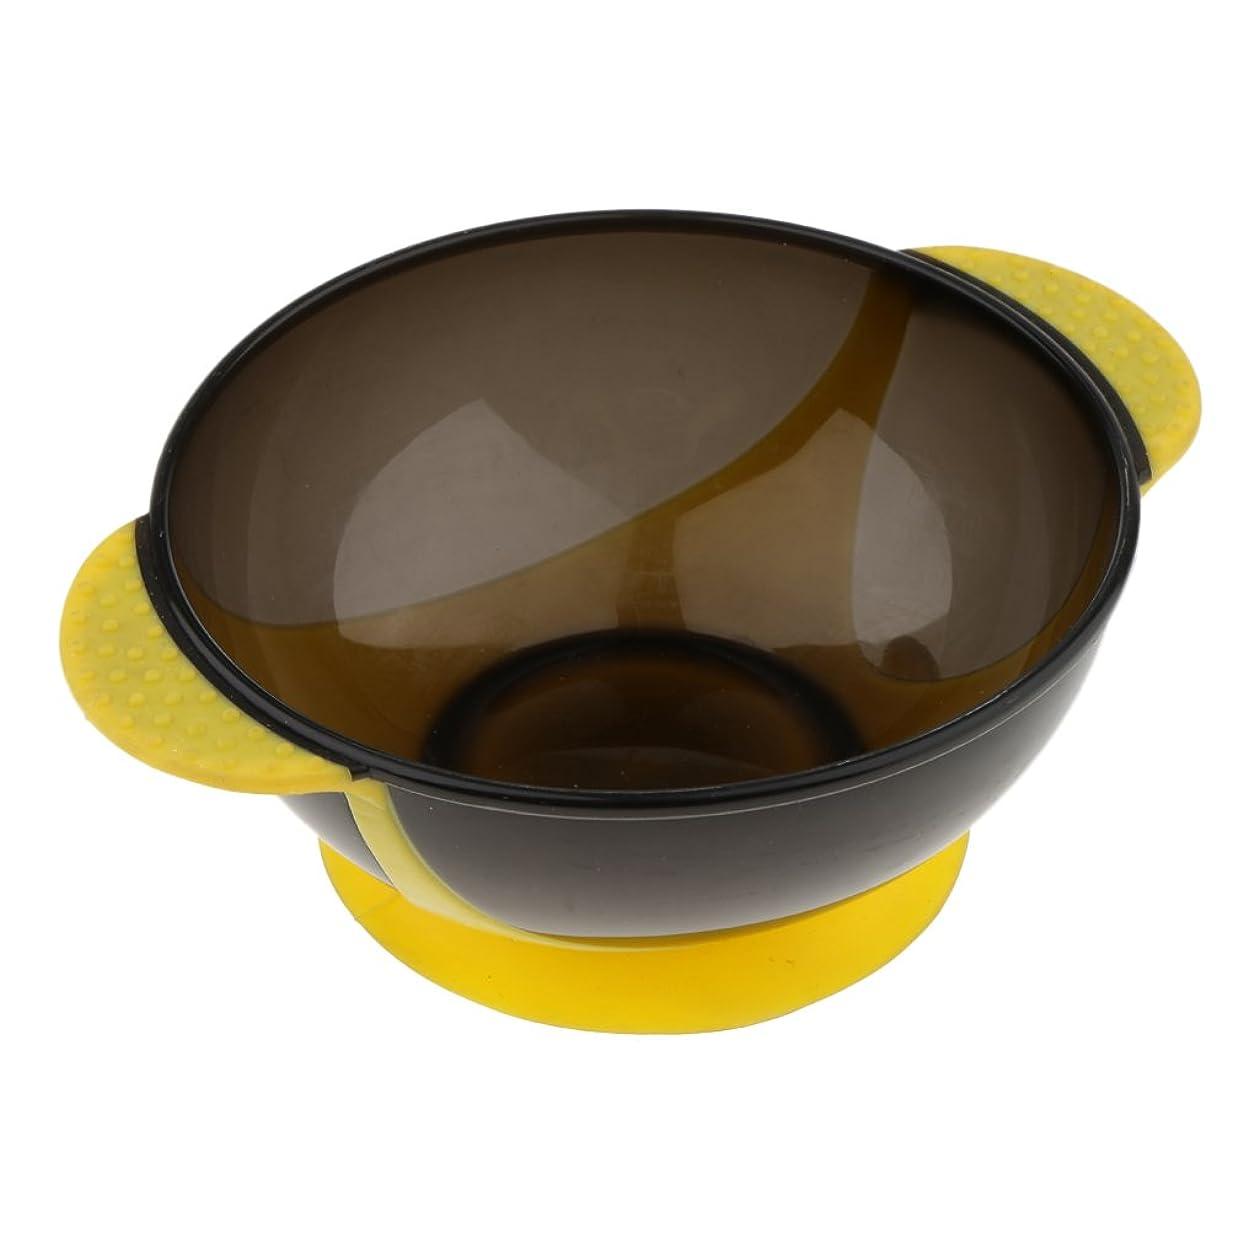 樹皮行商人植物学者Sharplace 全3色 ヘアカラー ミキシングボウルヘアダイボウル ボウル 吸着パッド 洗濯可能 速乾性 - 黄